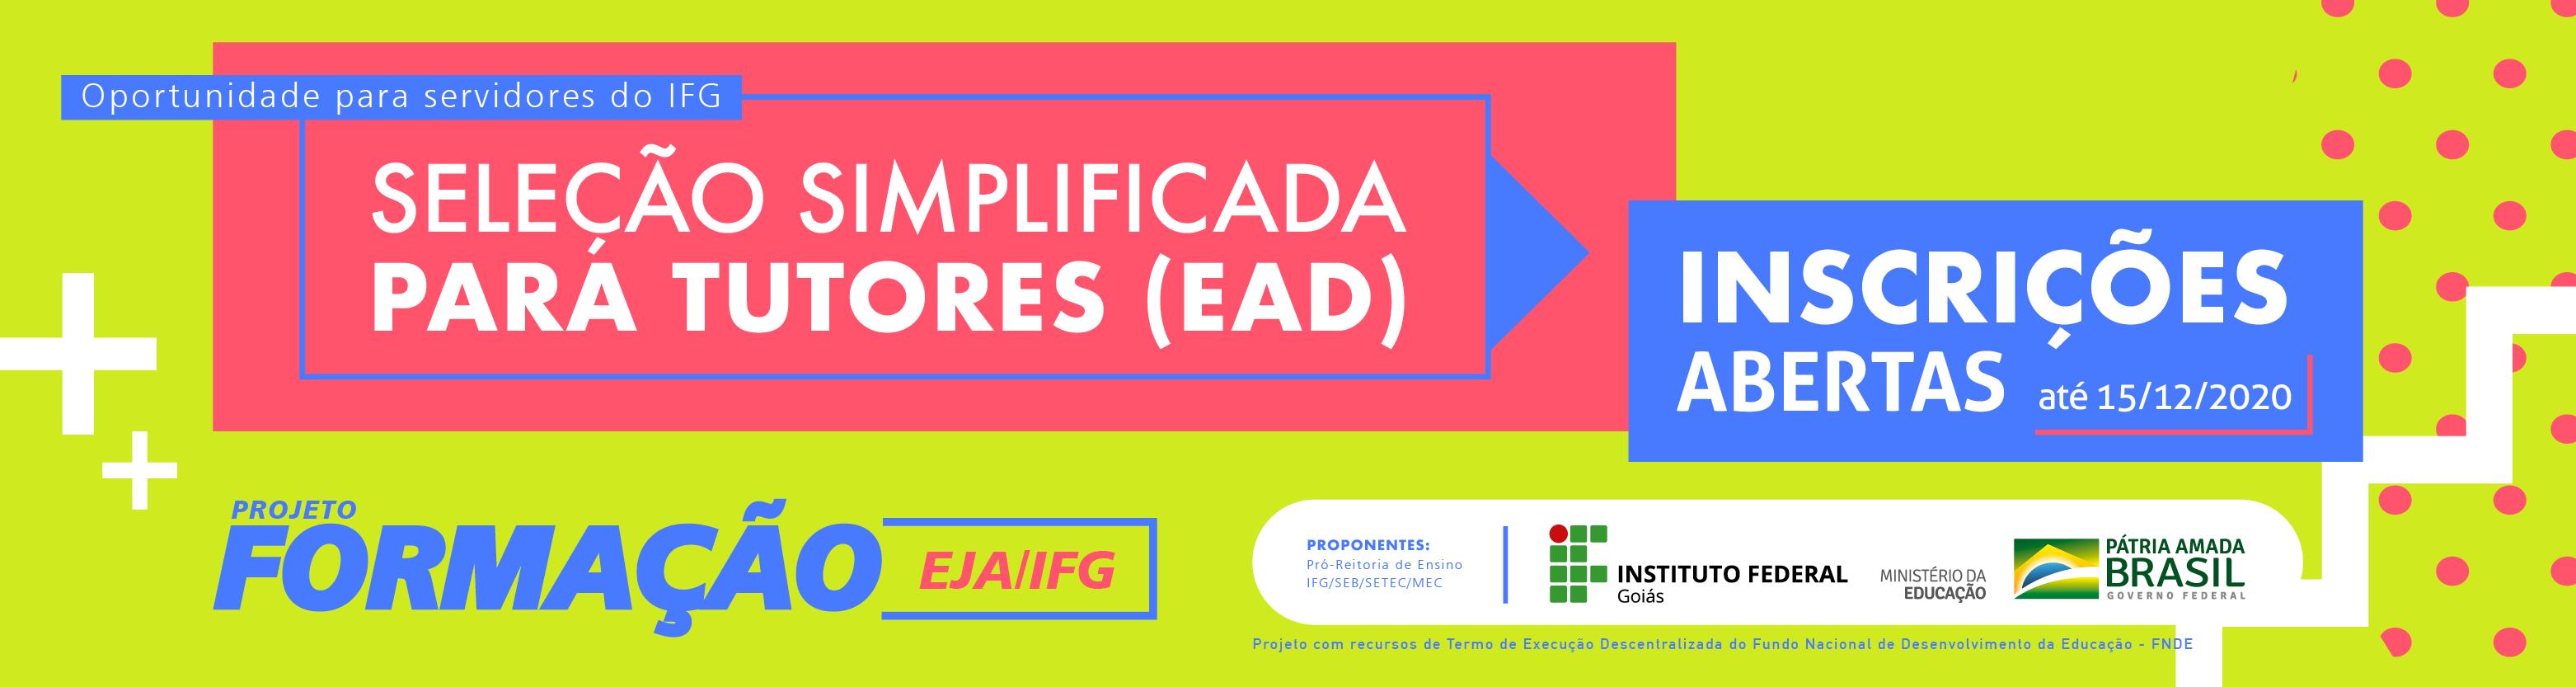 Projeto Formação EJA/IFG